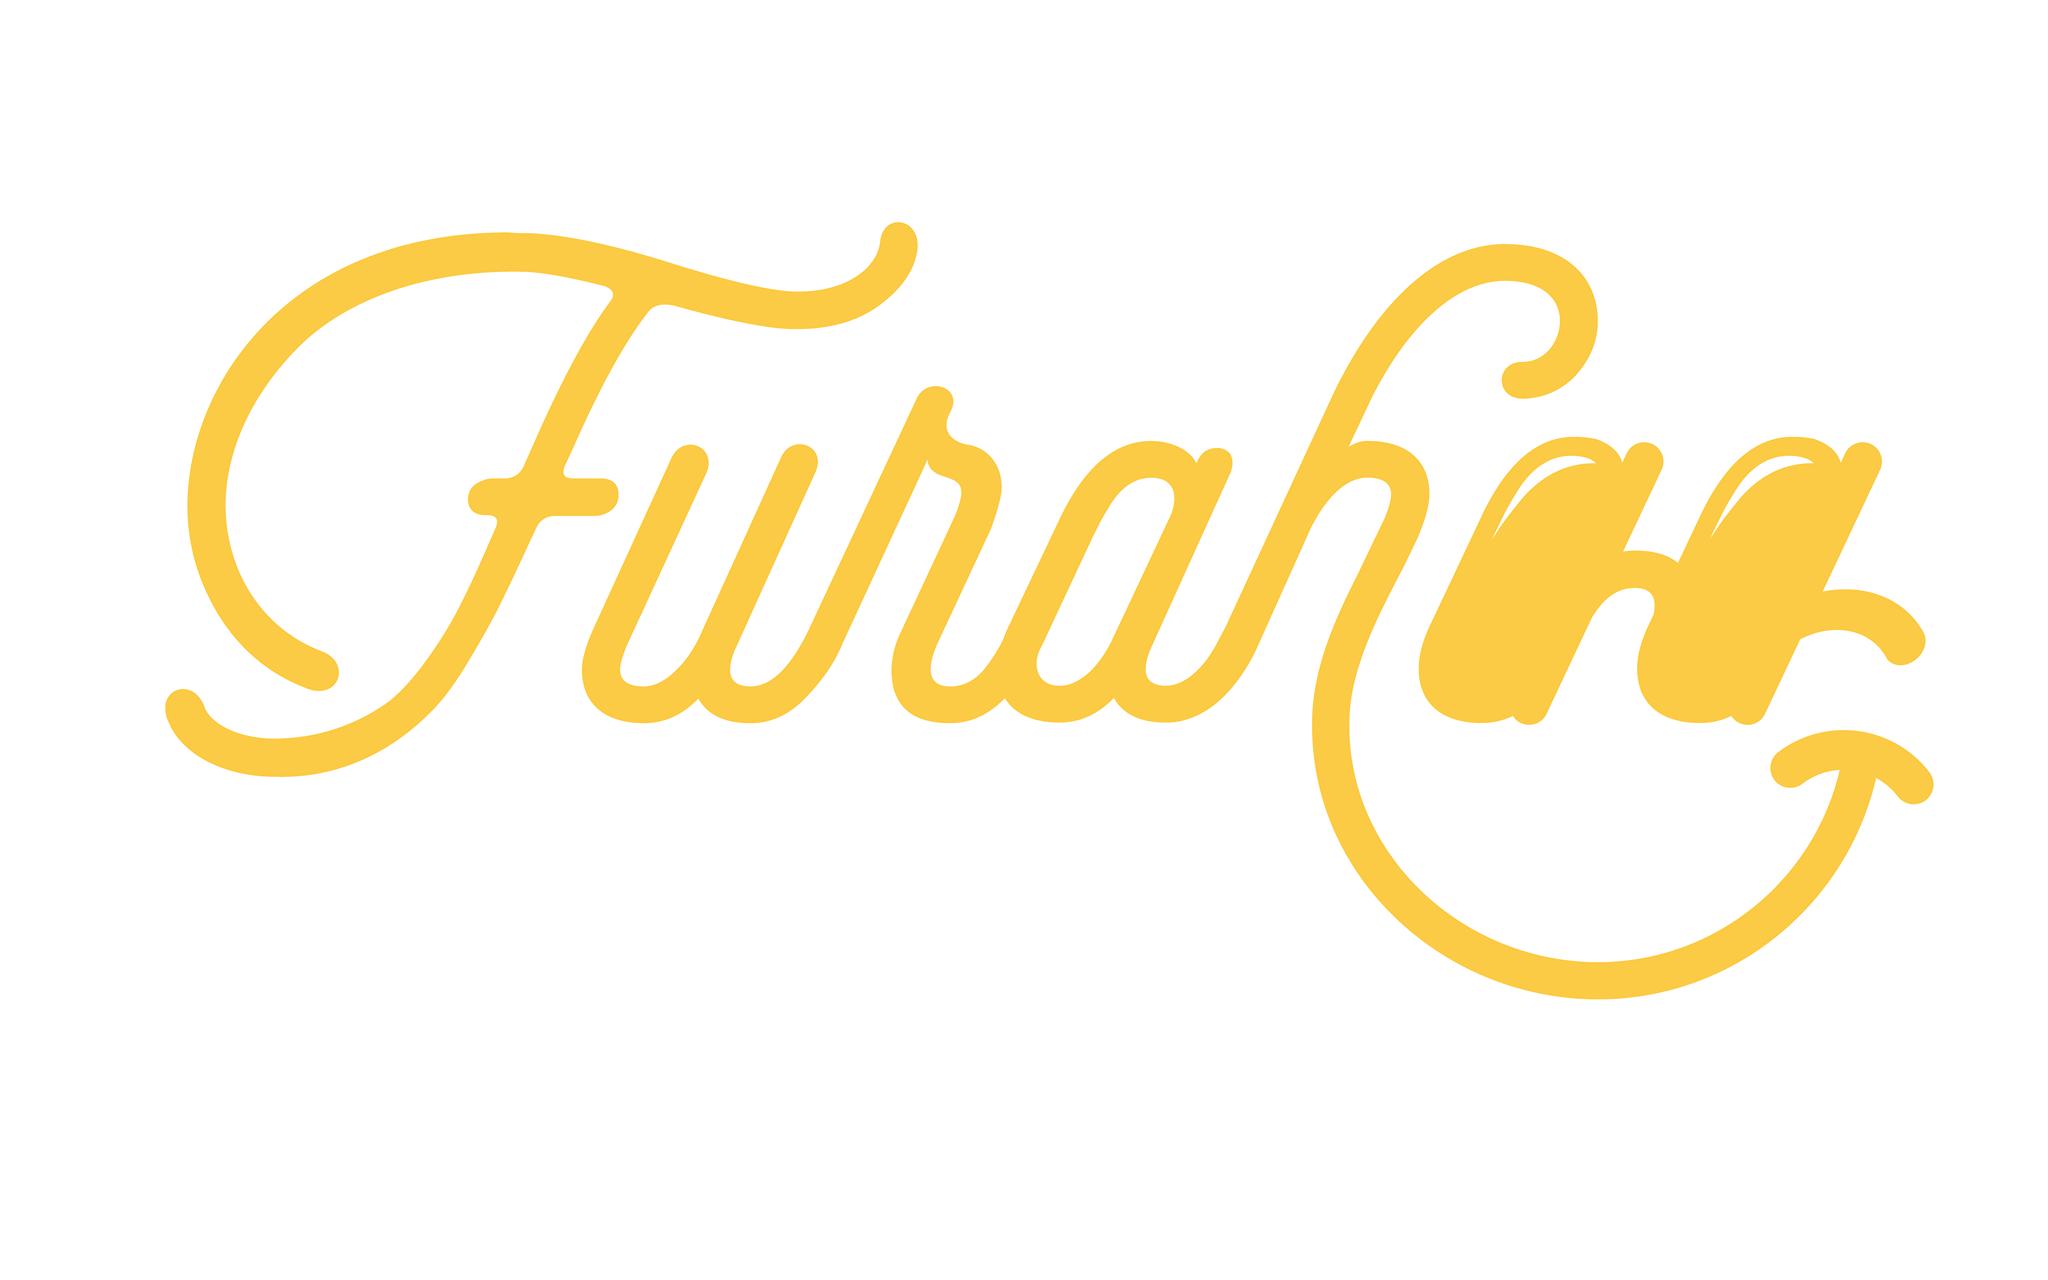 Logo Furahaa